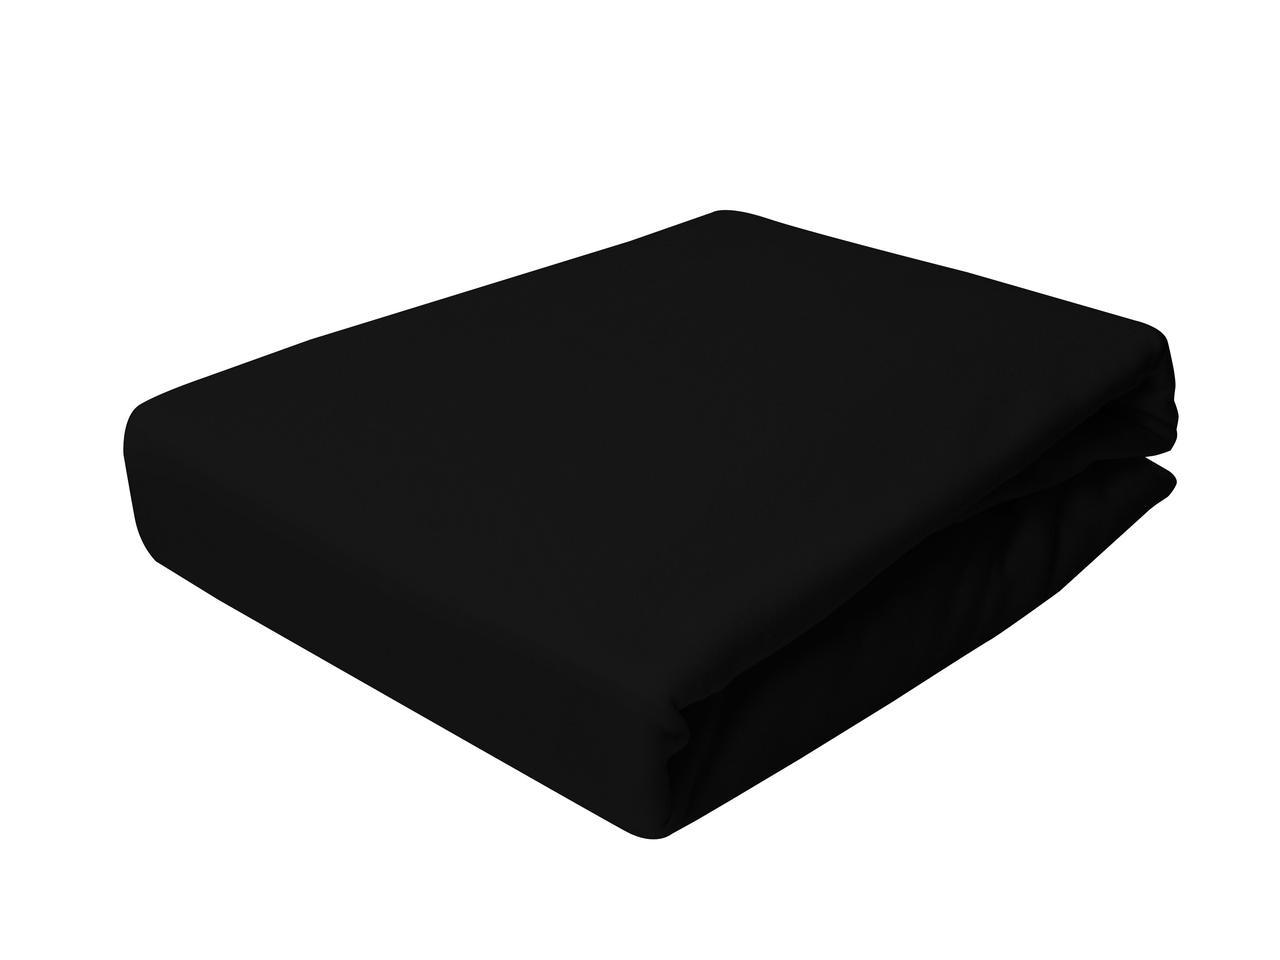 Простыня Трикотажная На резинке NR 002D Darymex 7824 90x200 см Черная